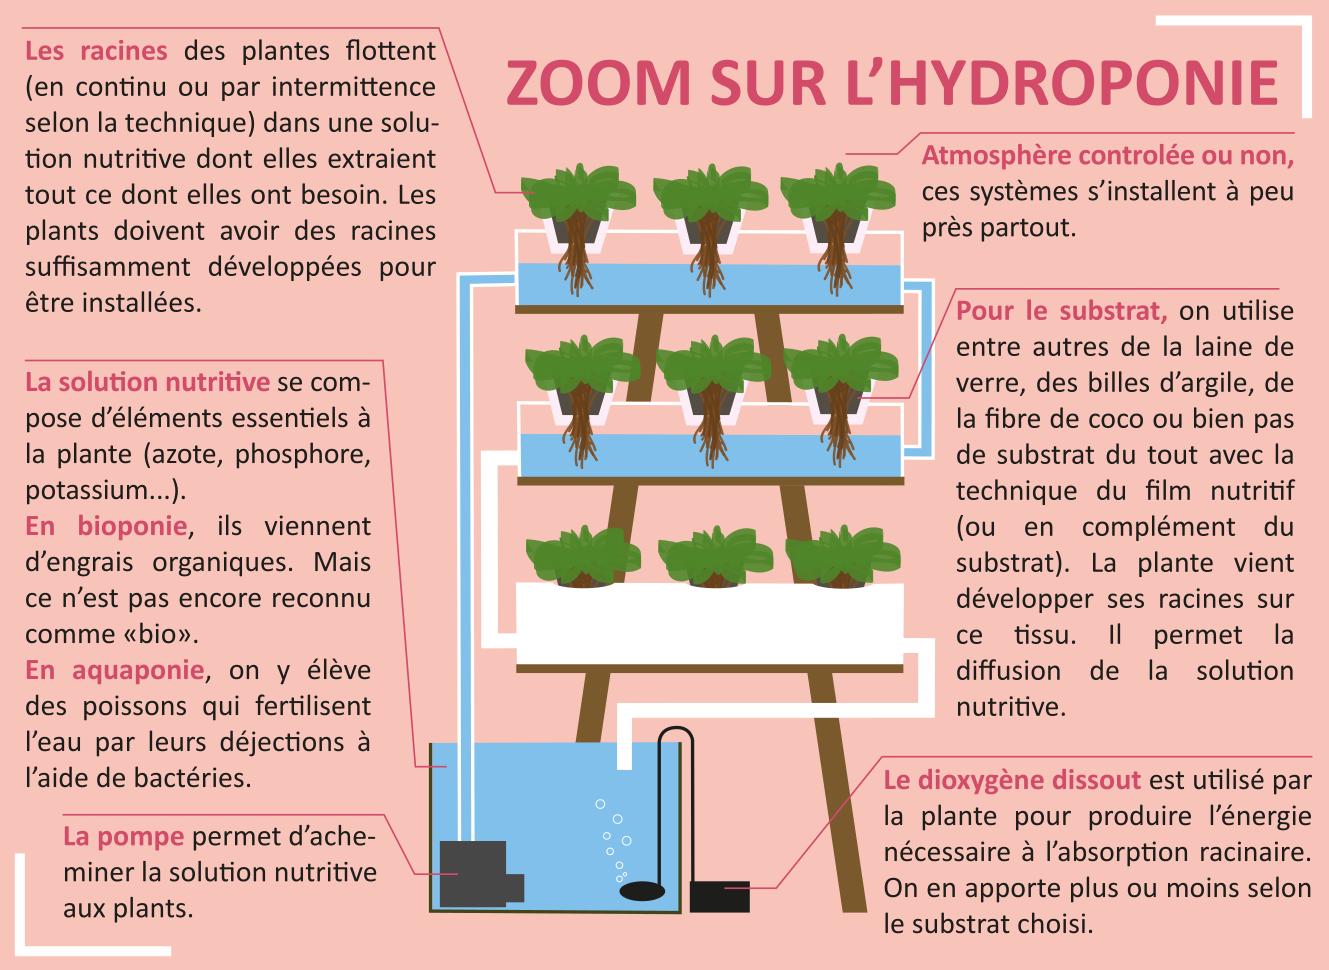 Zomme sur l'hydroponie. Infographie par Laurène Sarradin.